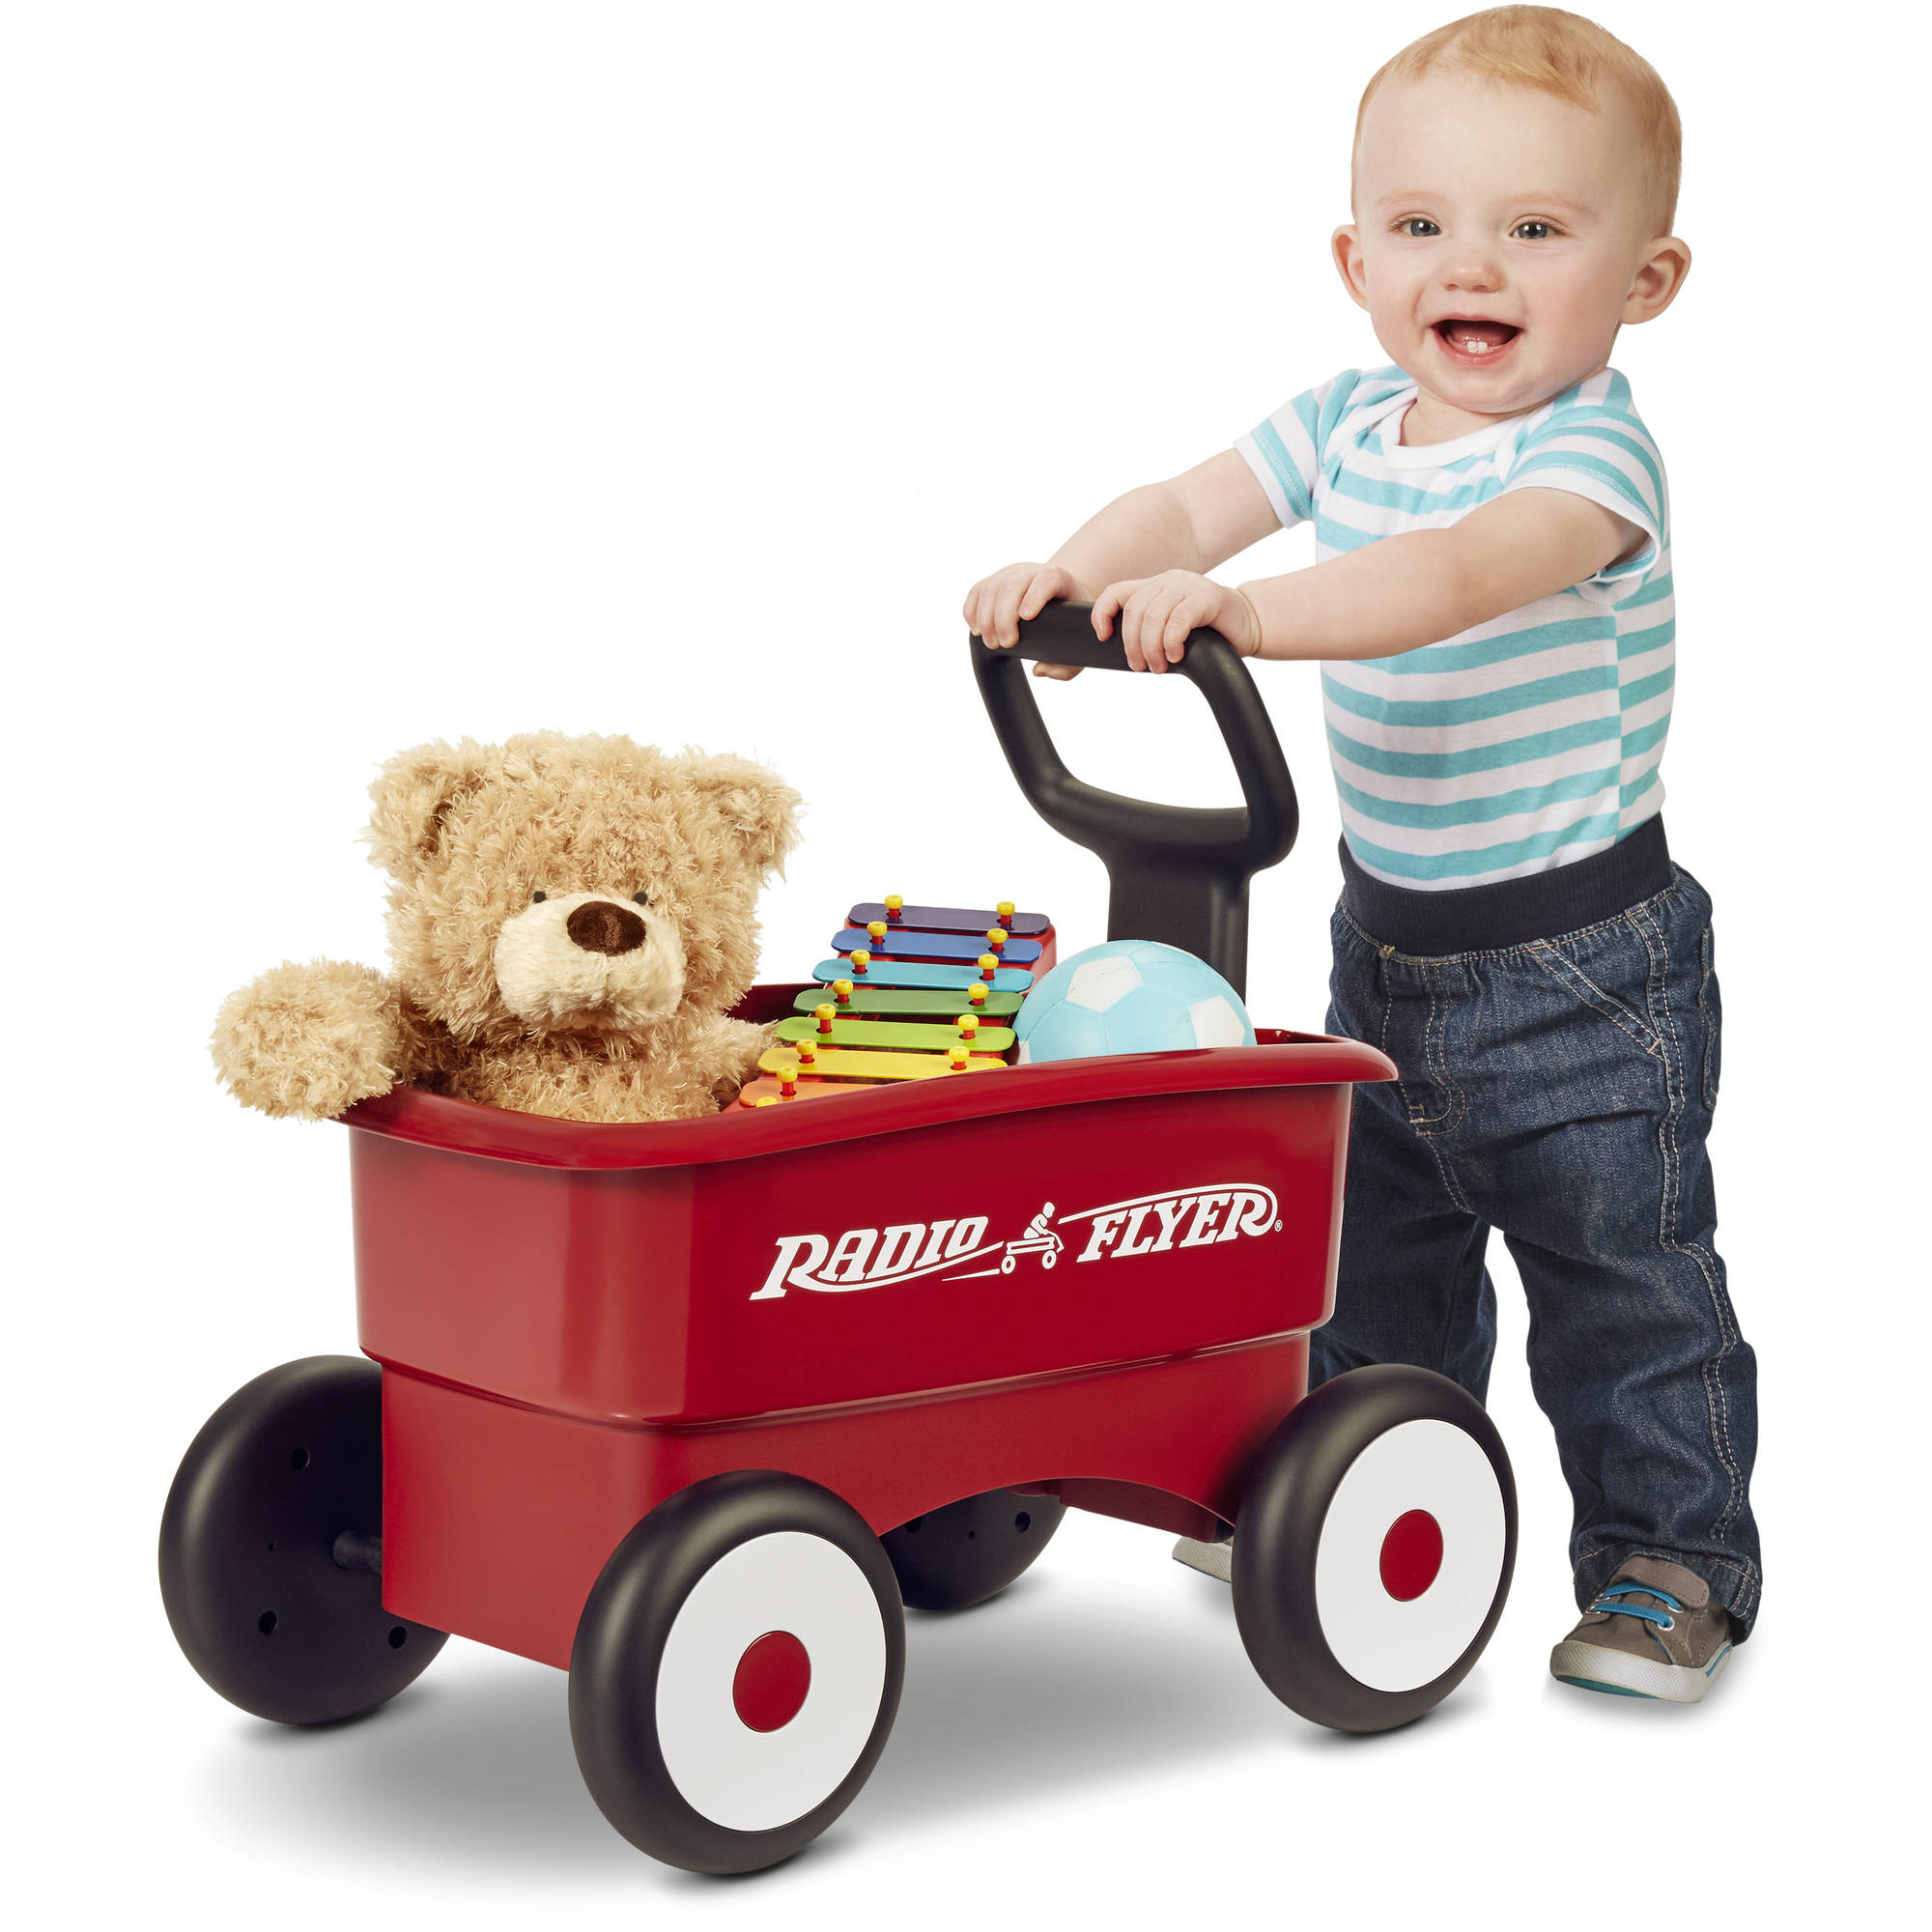 รถเข็น เพื่อฝึกเดิน และ รถลาก Radio Flyer My 1st 2-in-1 Wagon